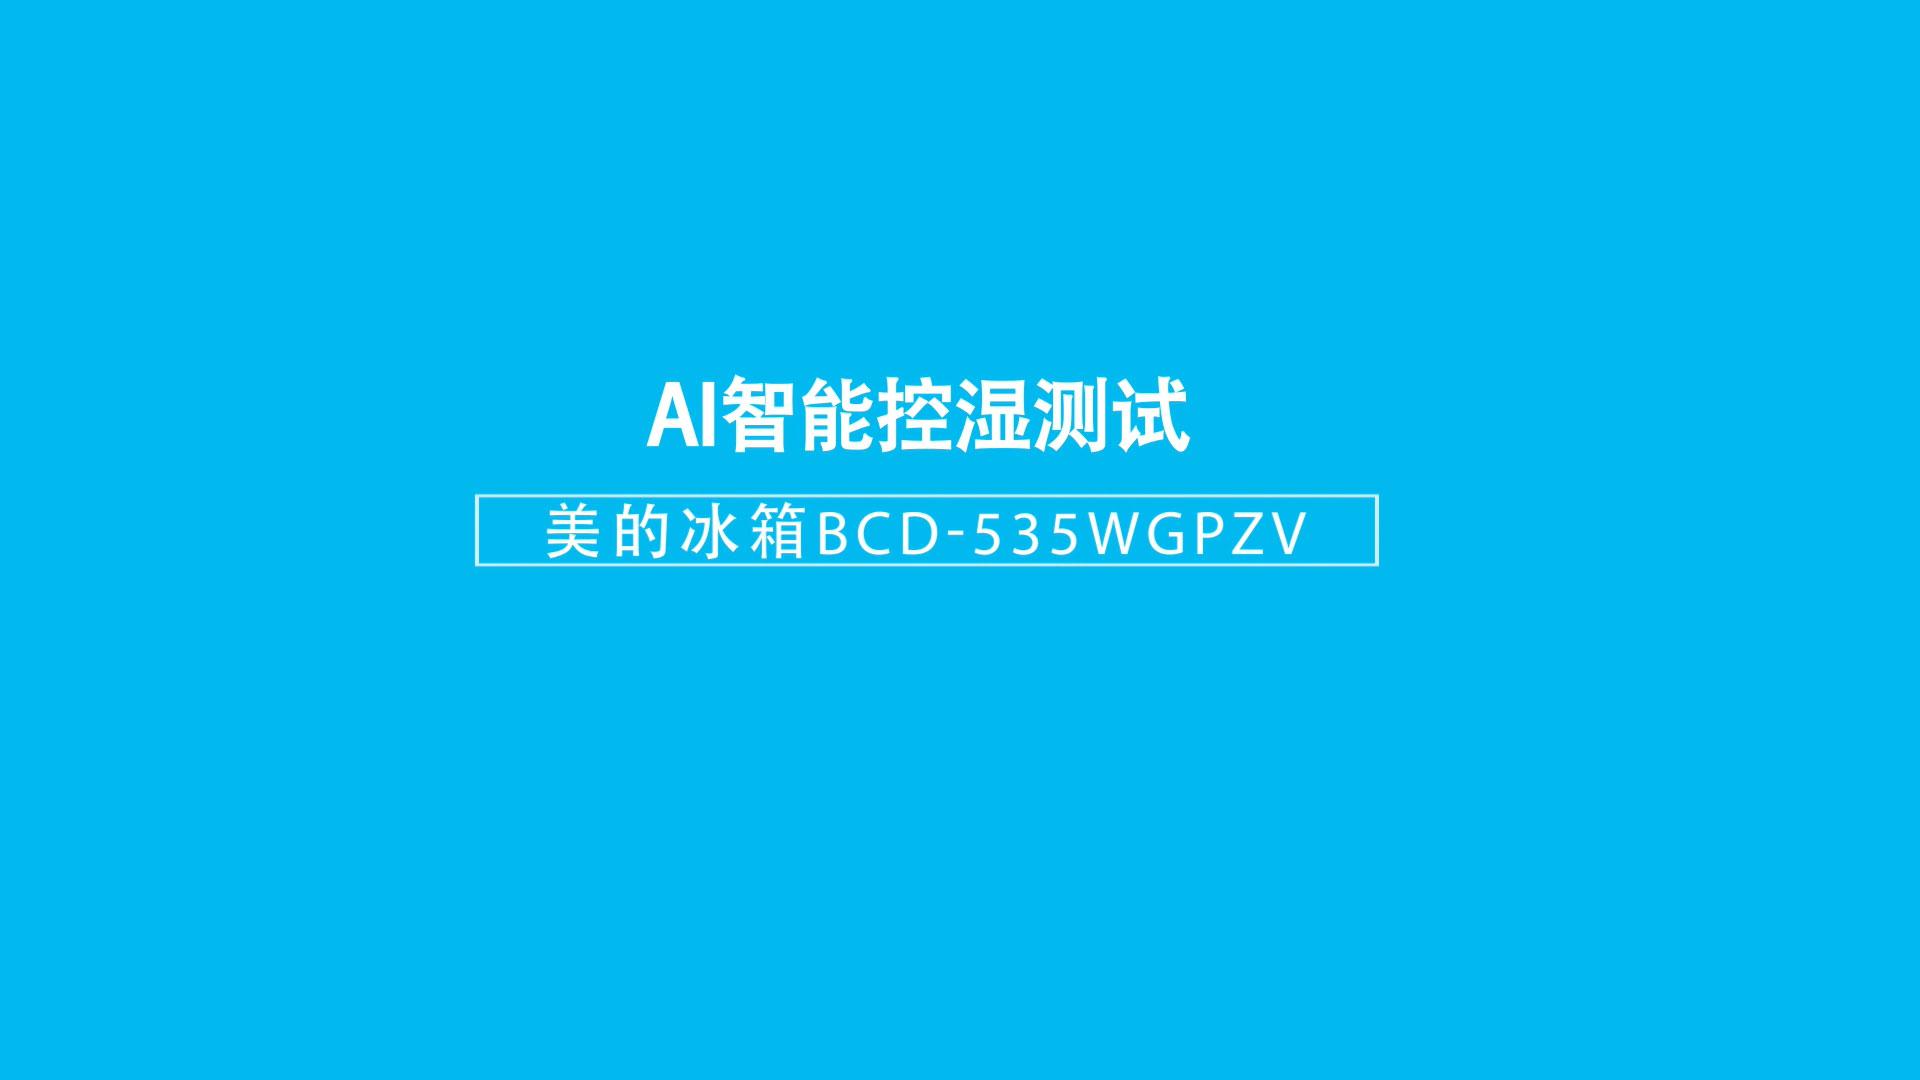 新鲜可以定制?美的冰箱BCD-535WGPZV AI智能控湿实测